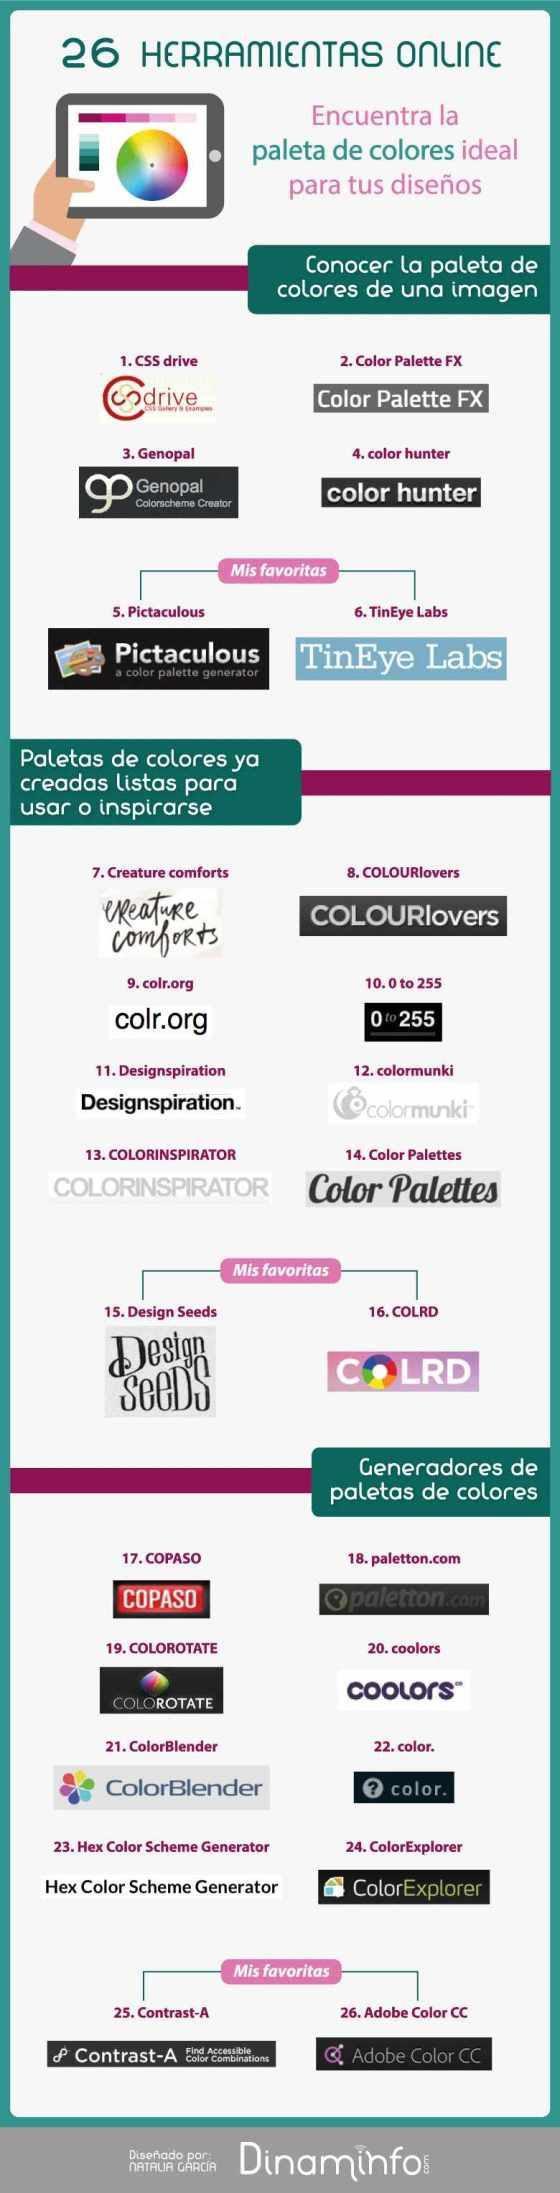 16 herramientas online para elegir la mejor Paleta de Colores